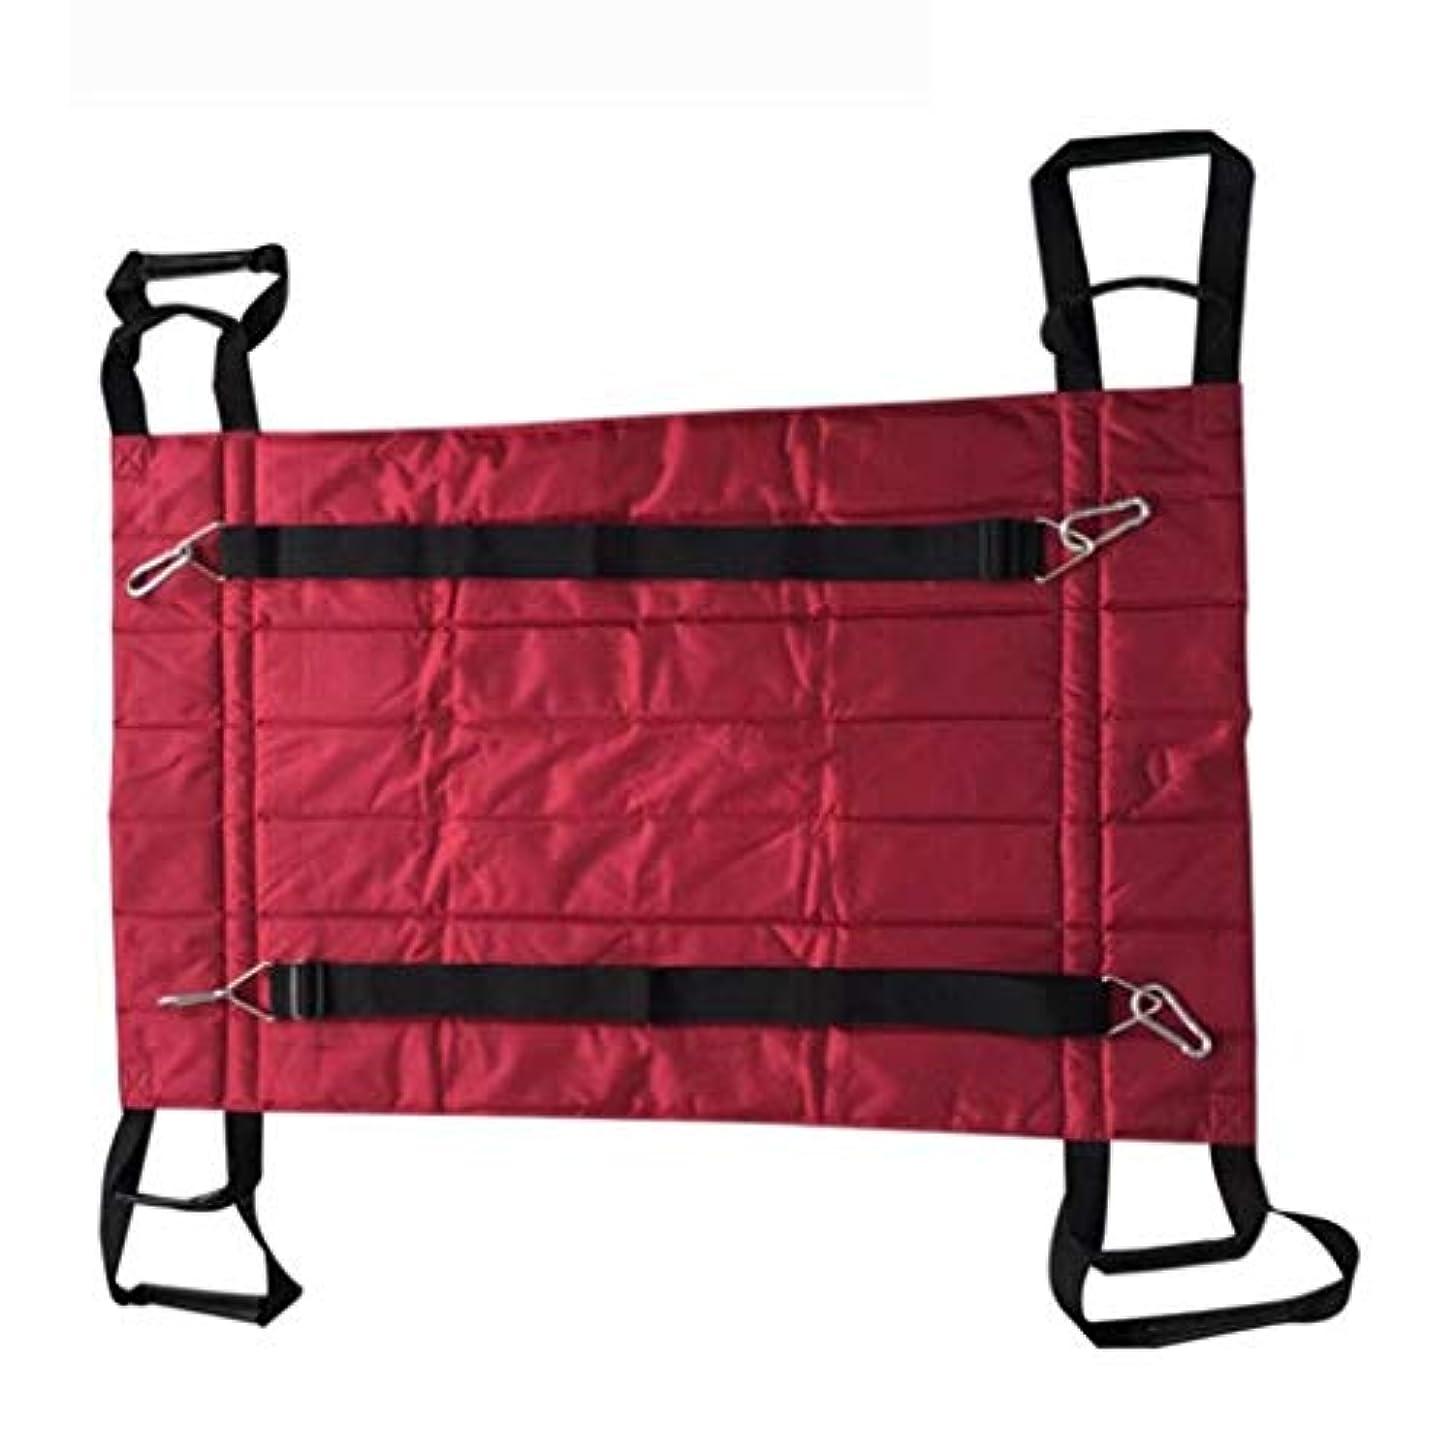 白鳥拡声器アジア人トランスファーボードベルト車椅子スライド式メディカルリフティングスリングターナー患者ケア安全移動補助器具